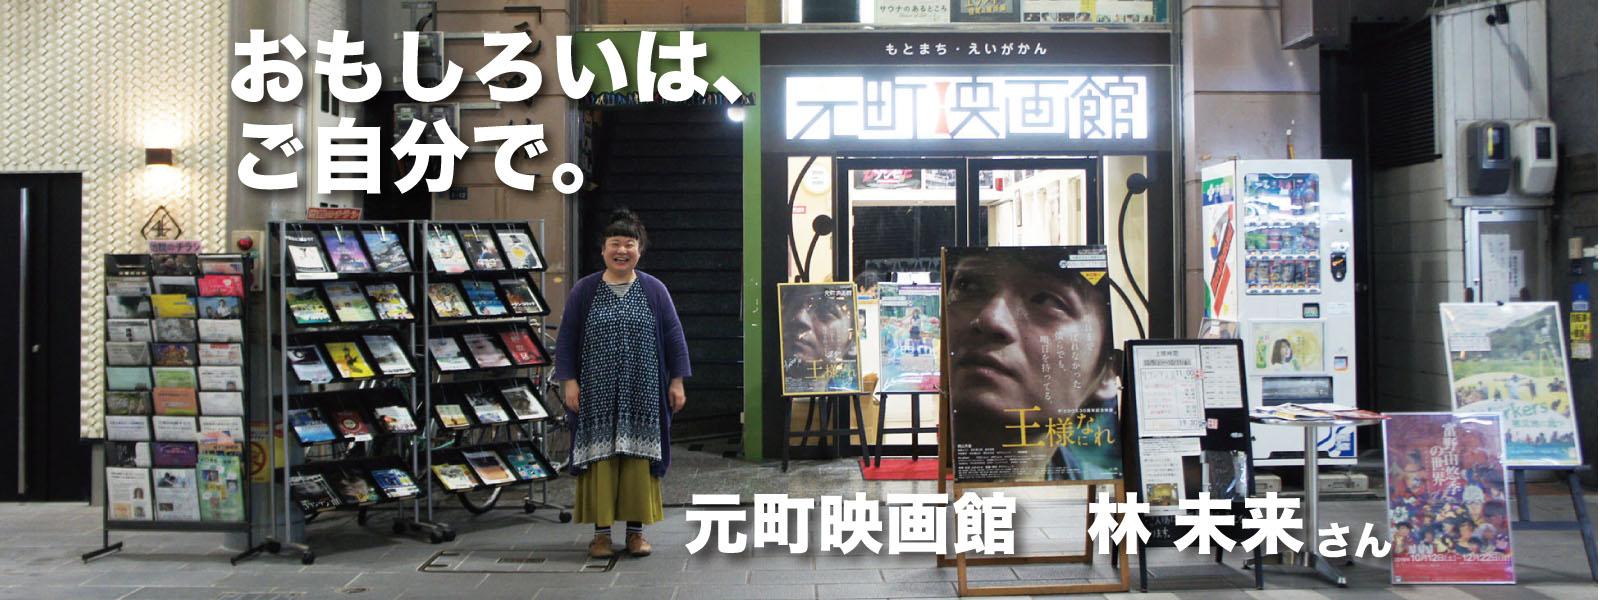 おもしろいは、ご自分で。 〜元町映画館 林未来さん〜